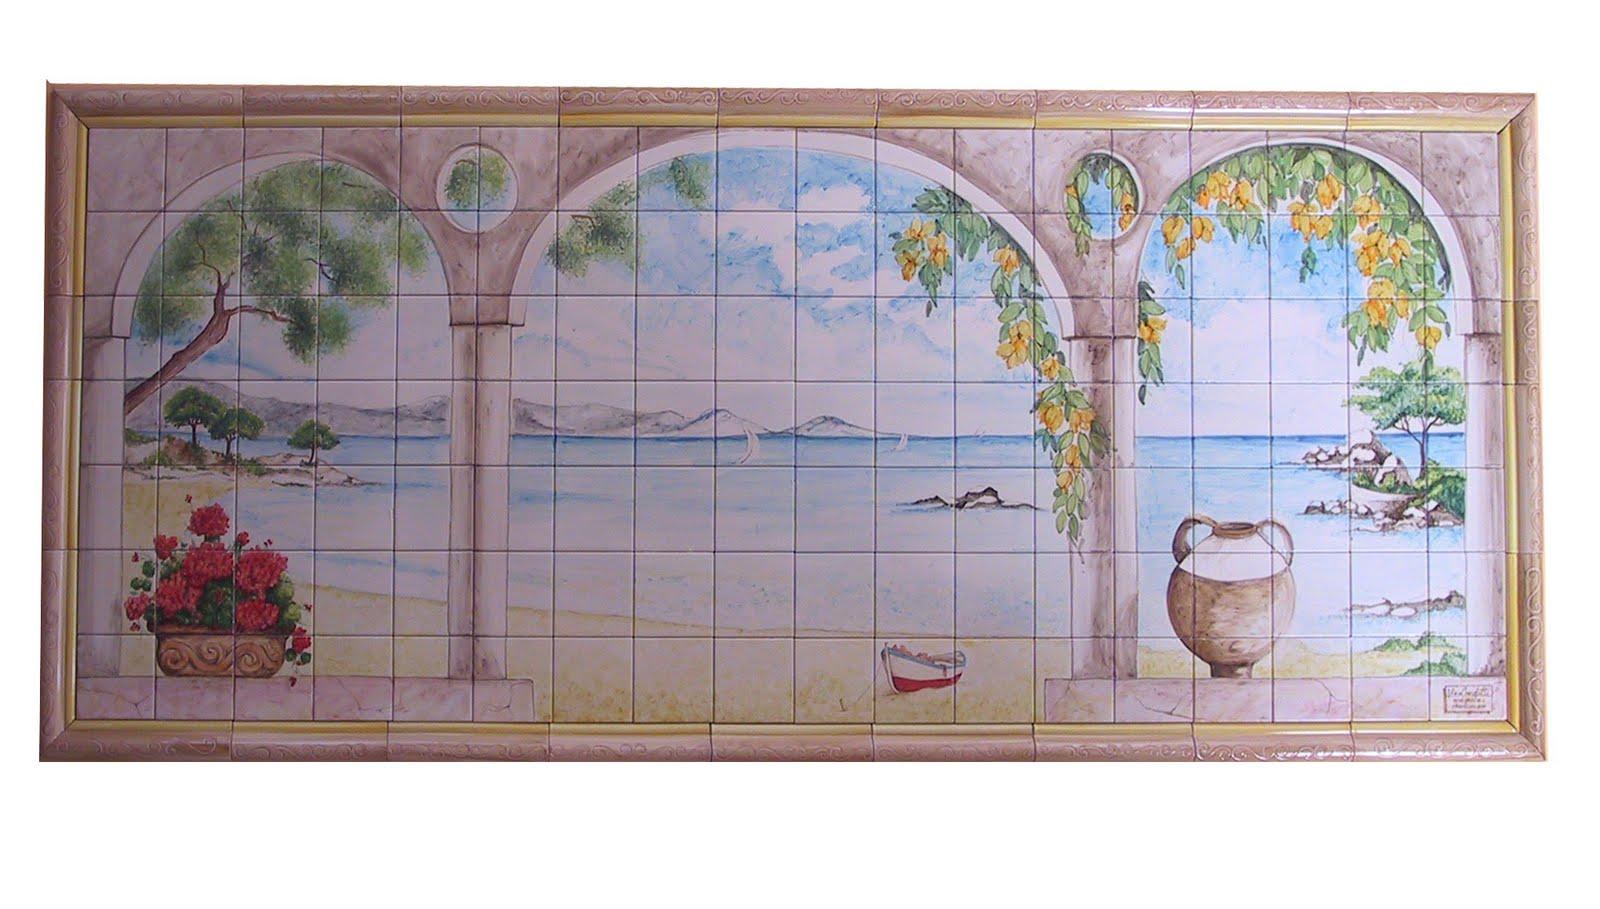 Vico condotti pannelli decorativi in ceramica for Pannelli decorativi da cucina